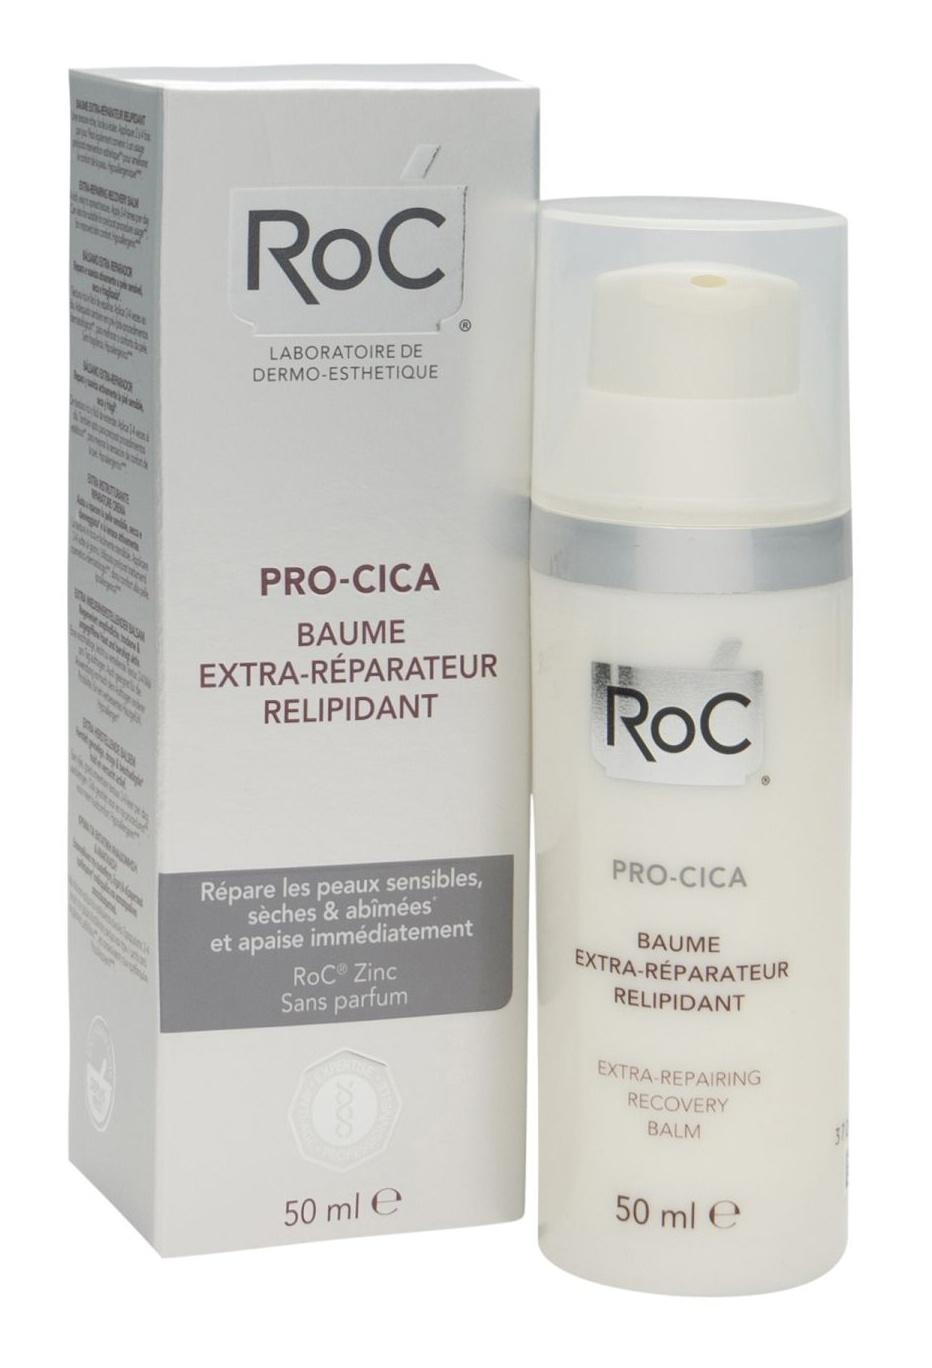 RoC Pro-cica